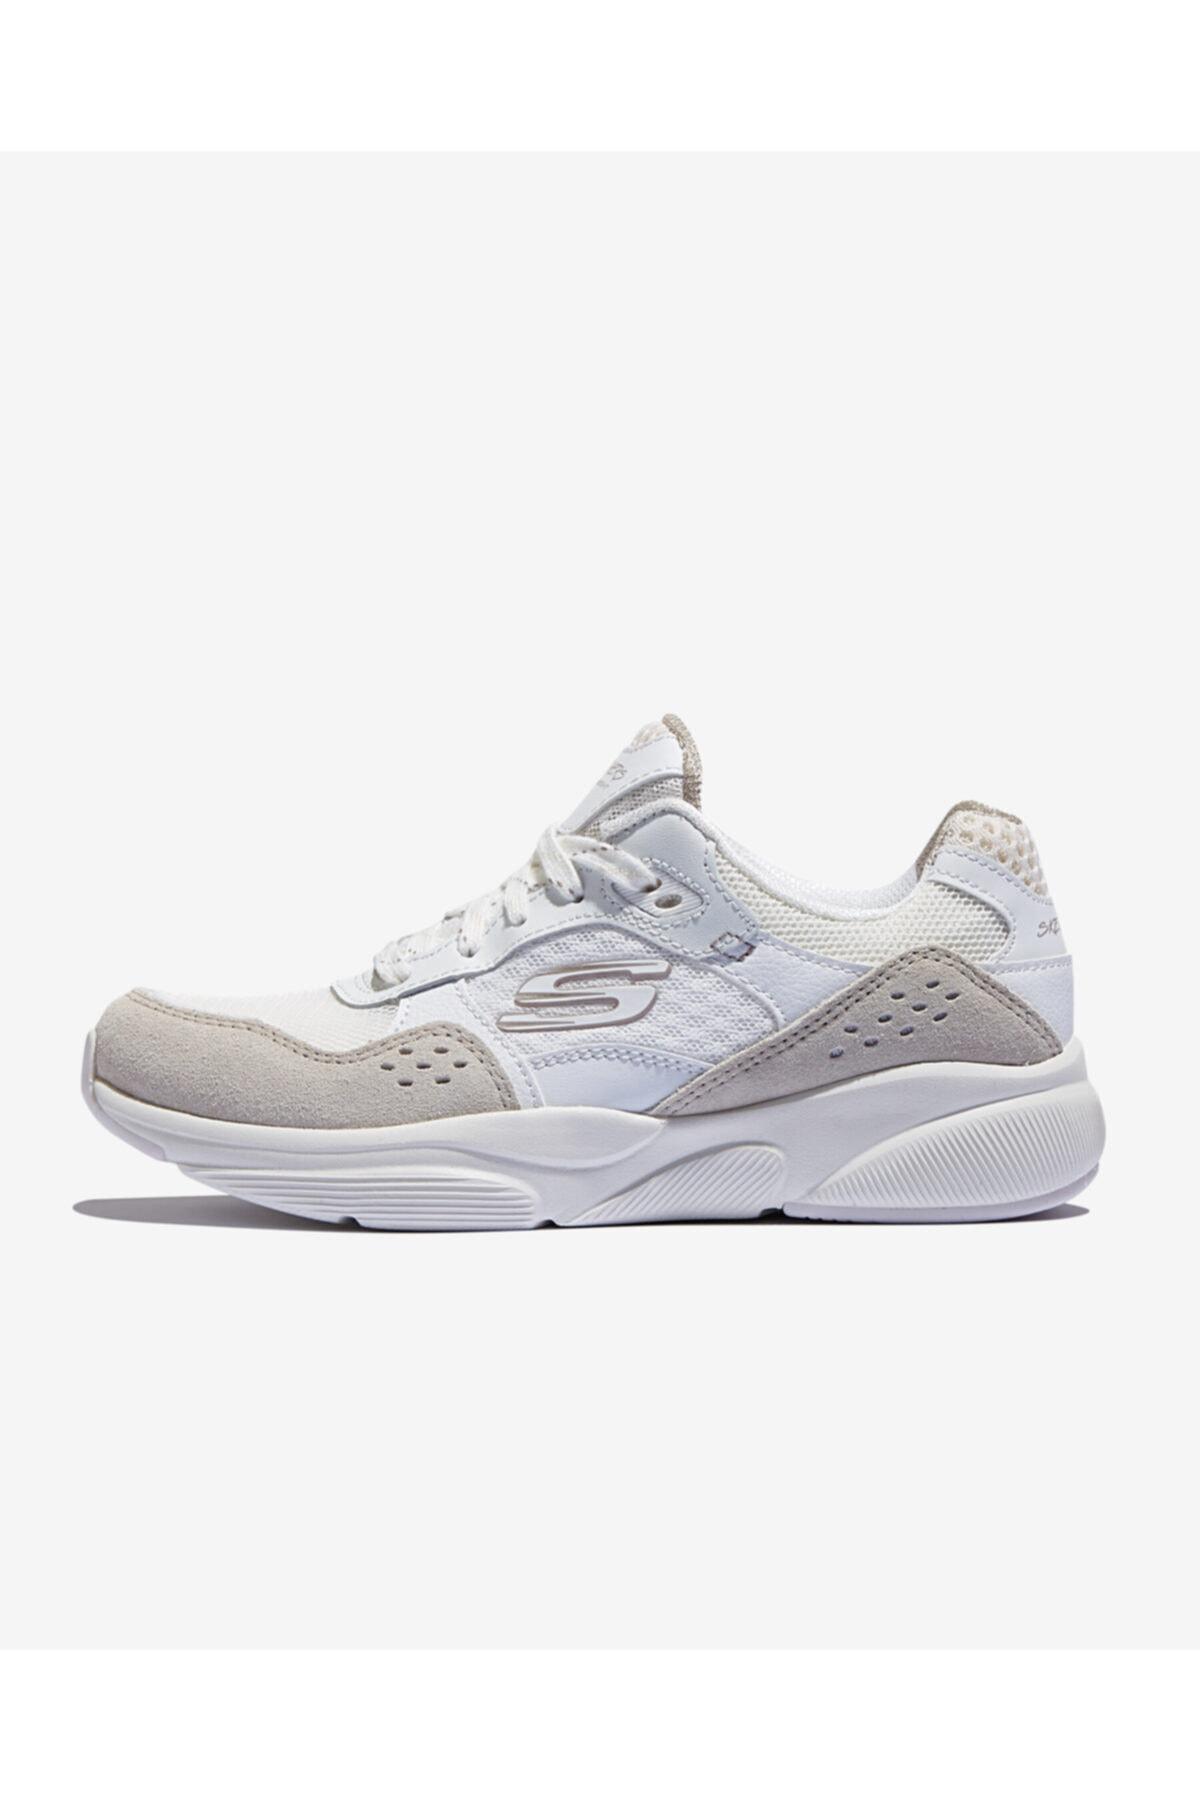 SKECHERS MERIDIAN-CHARTED Kadın Beyaz Spor Ayakkabı 1